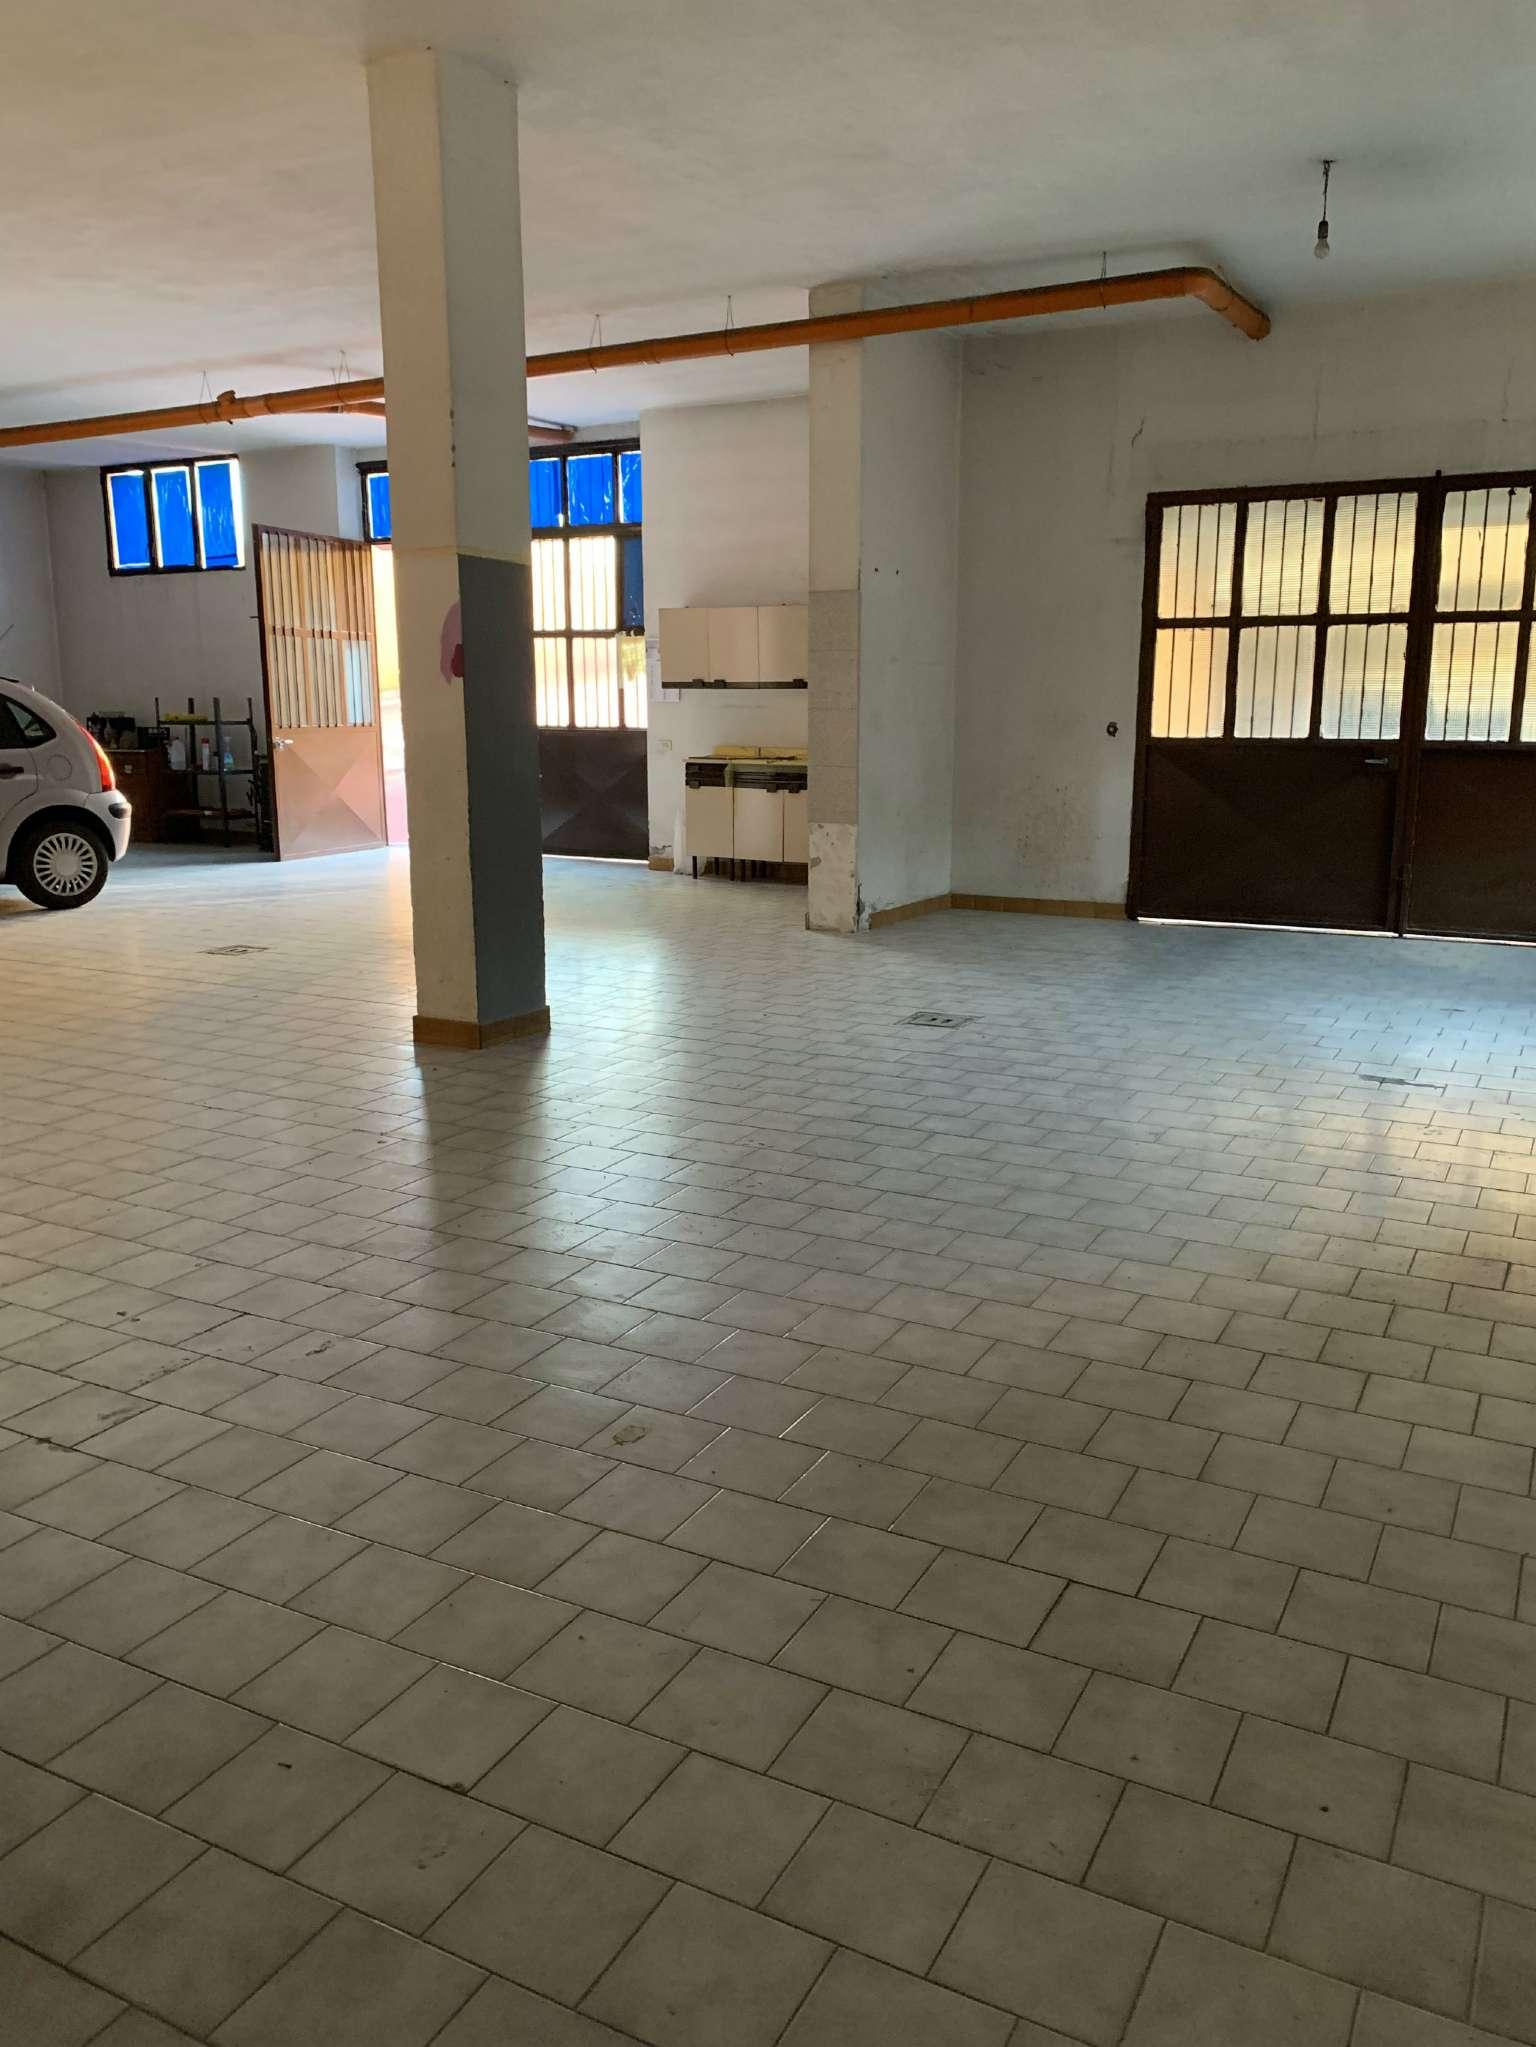 Magazzino in vendita a Cesate, 1 locali, prezzo € 75.000 | PortaleAgenzieImmobiliari.it